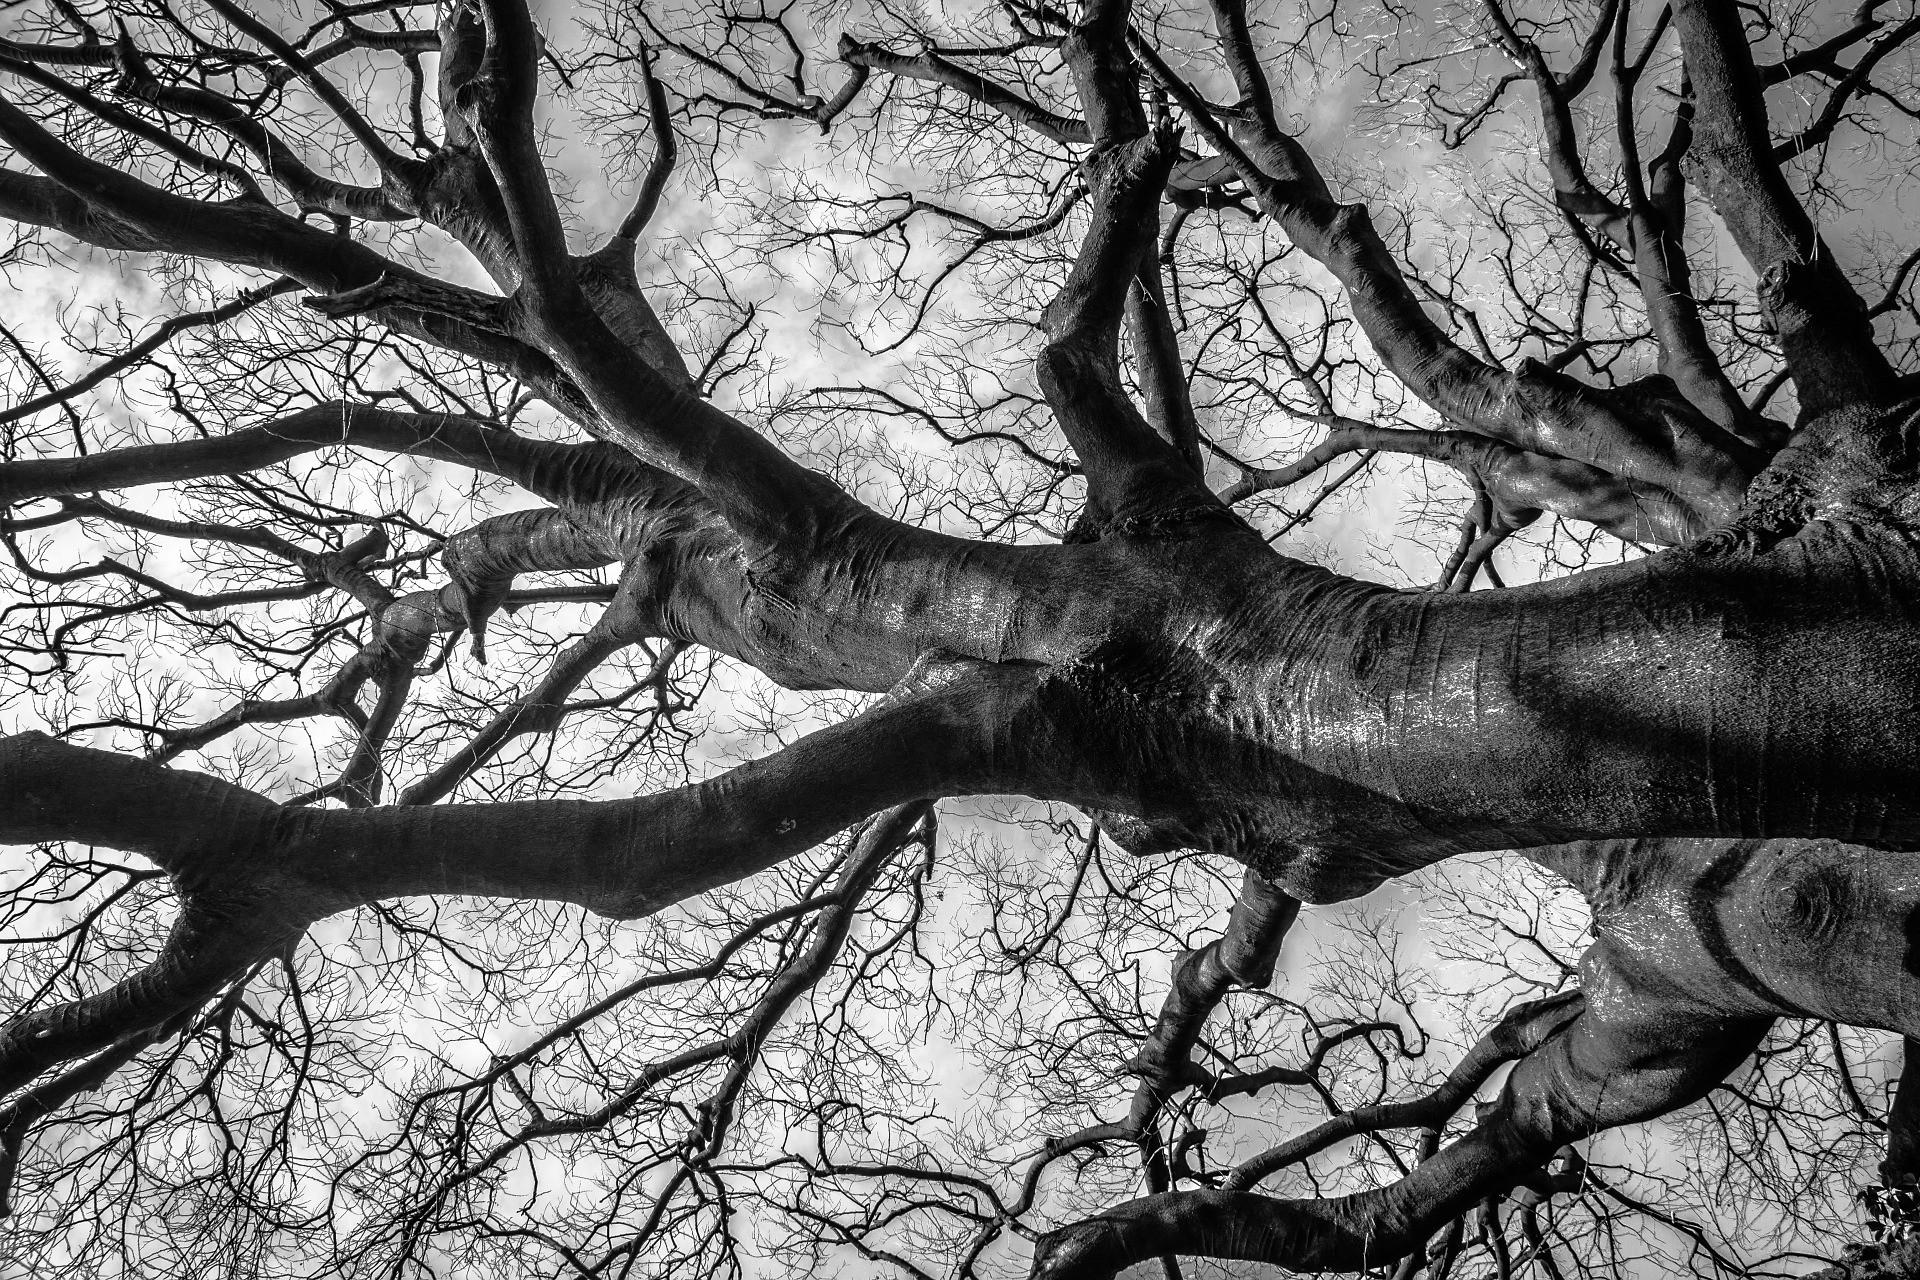 ▲▼王立偉拿樹枝插入韓國女性的陰部(示意圖/Pixabay)